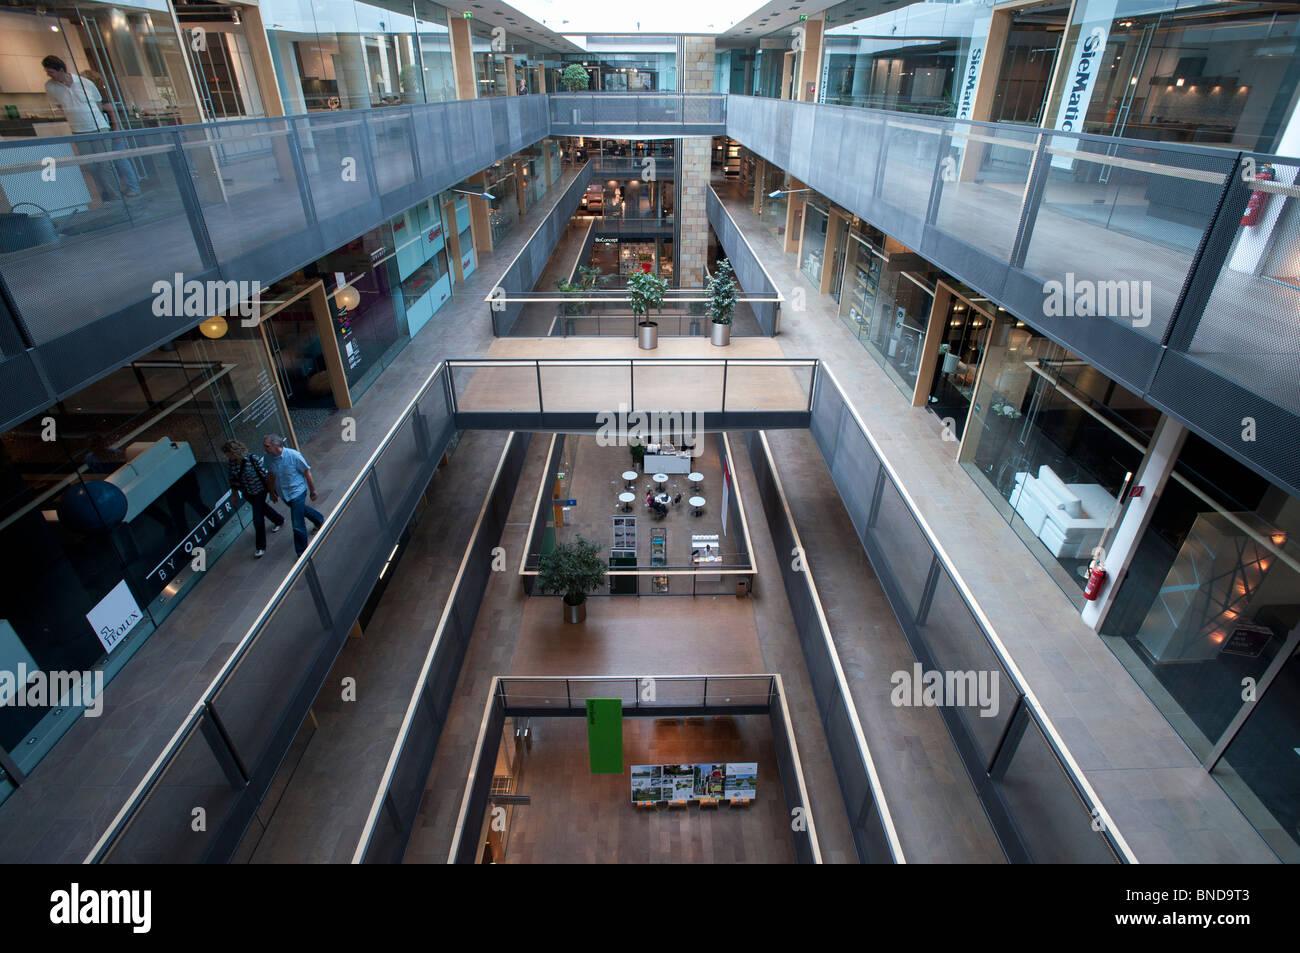 Malls in berlin stockfotos malls in berlin bilder alamy for Stilwerk berlin verkaufsoffener sonntag